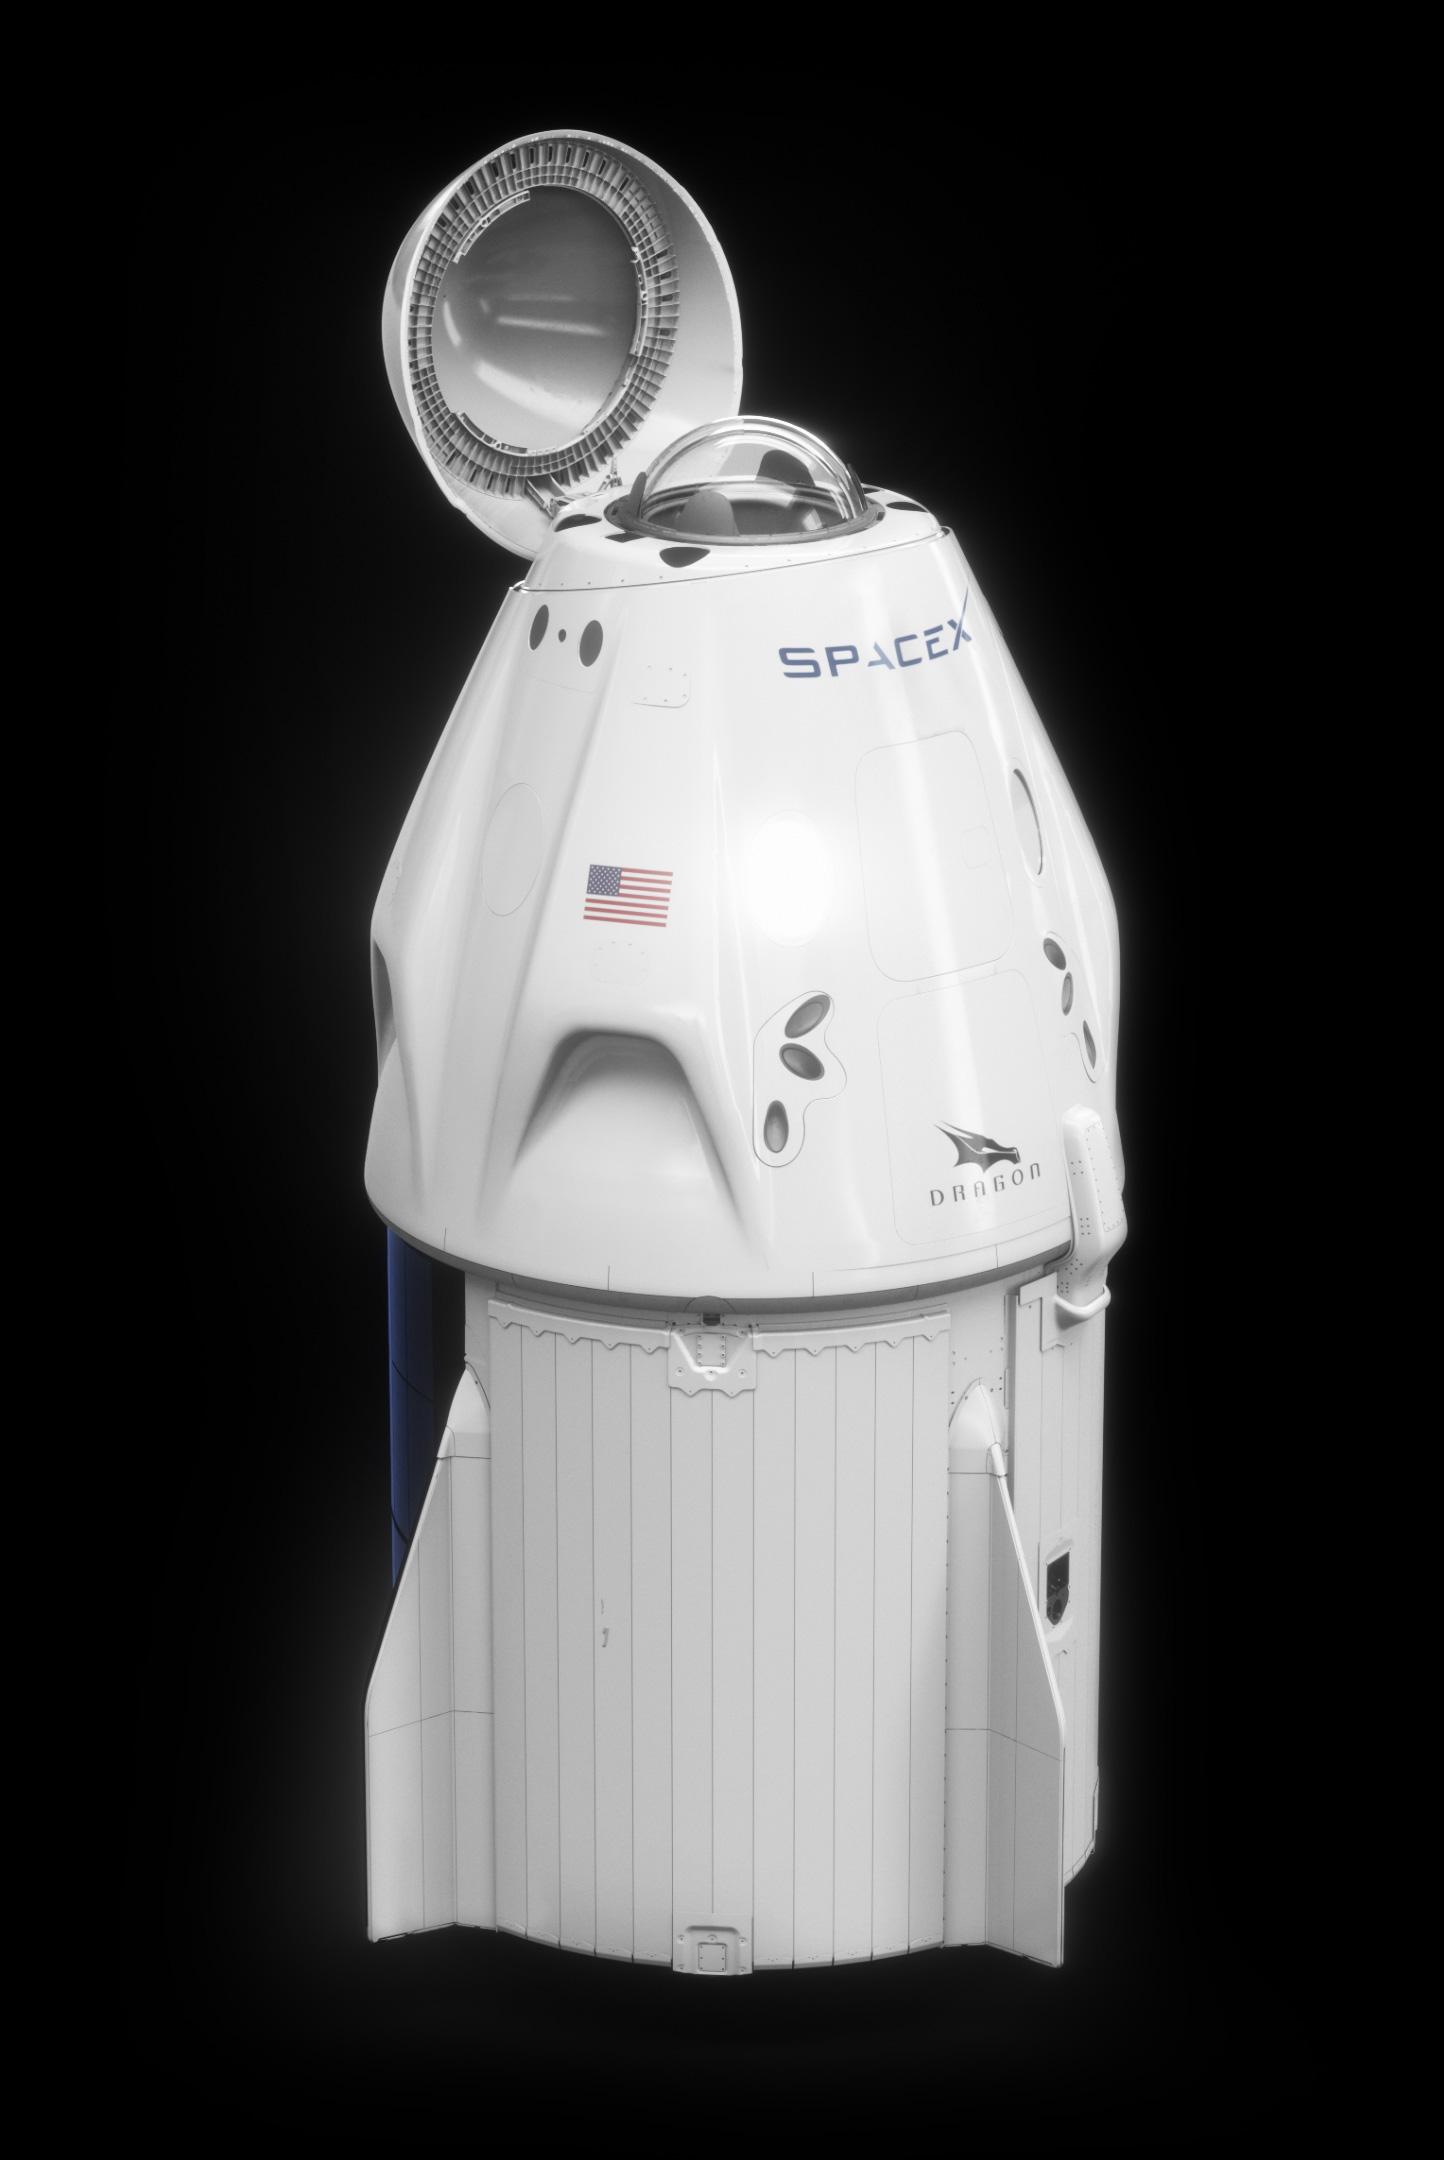 Phi thuyền Crew Dragon của SpaceX với lồng kính mới được lắp thêm ở trên đỉnh.